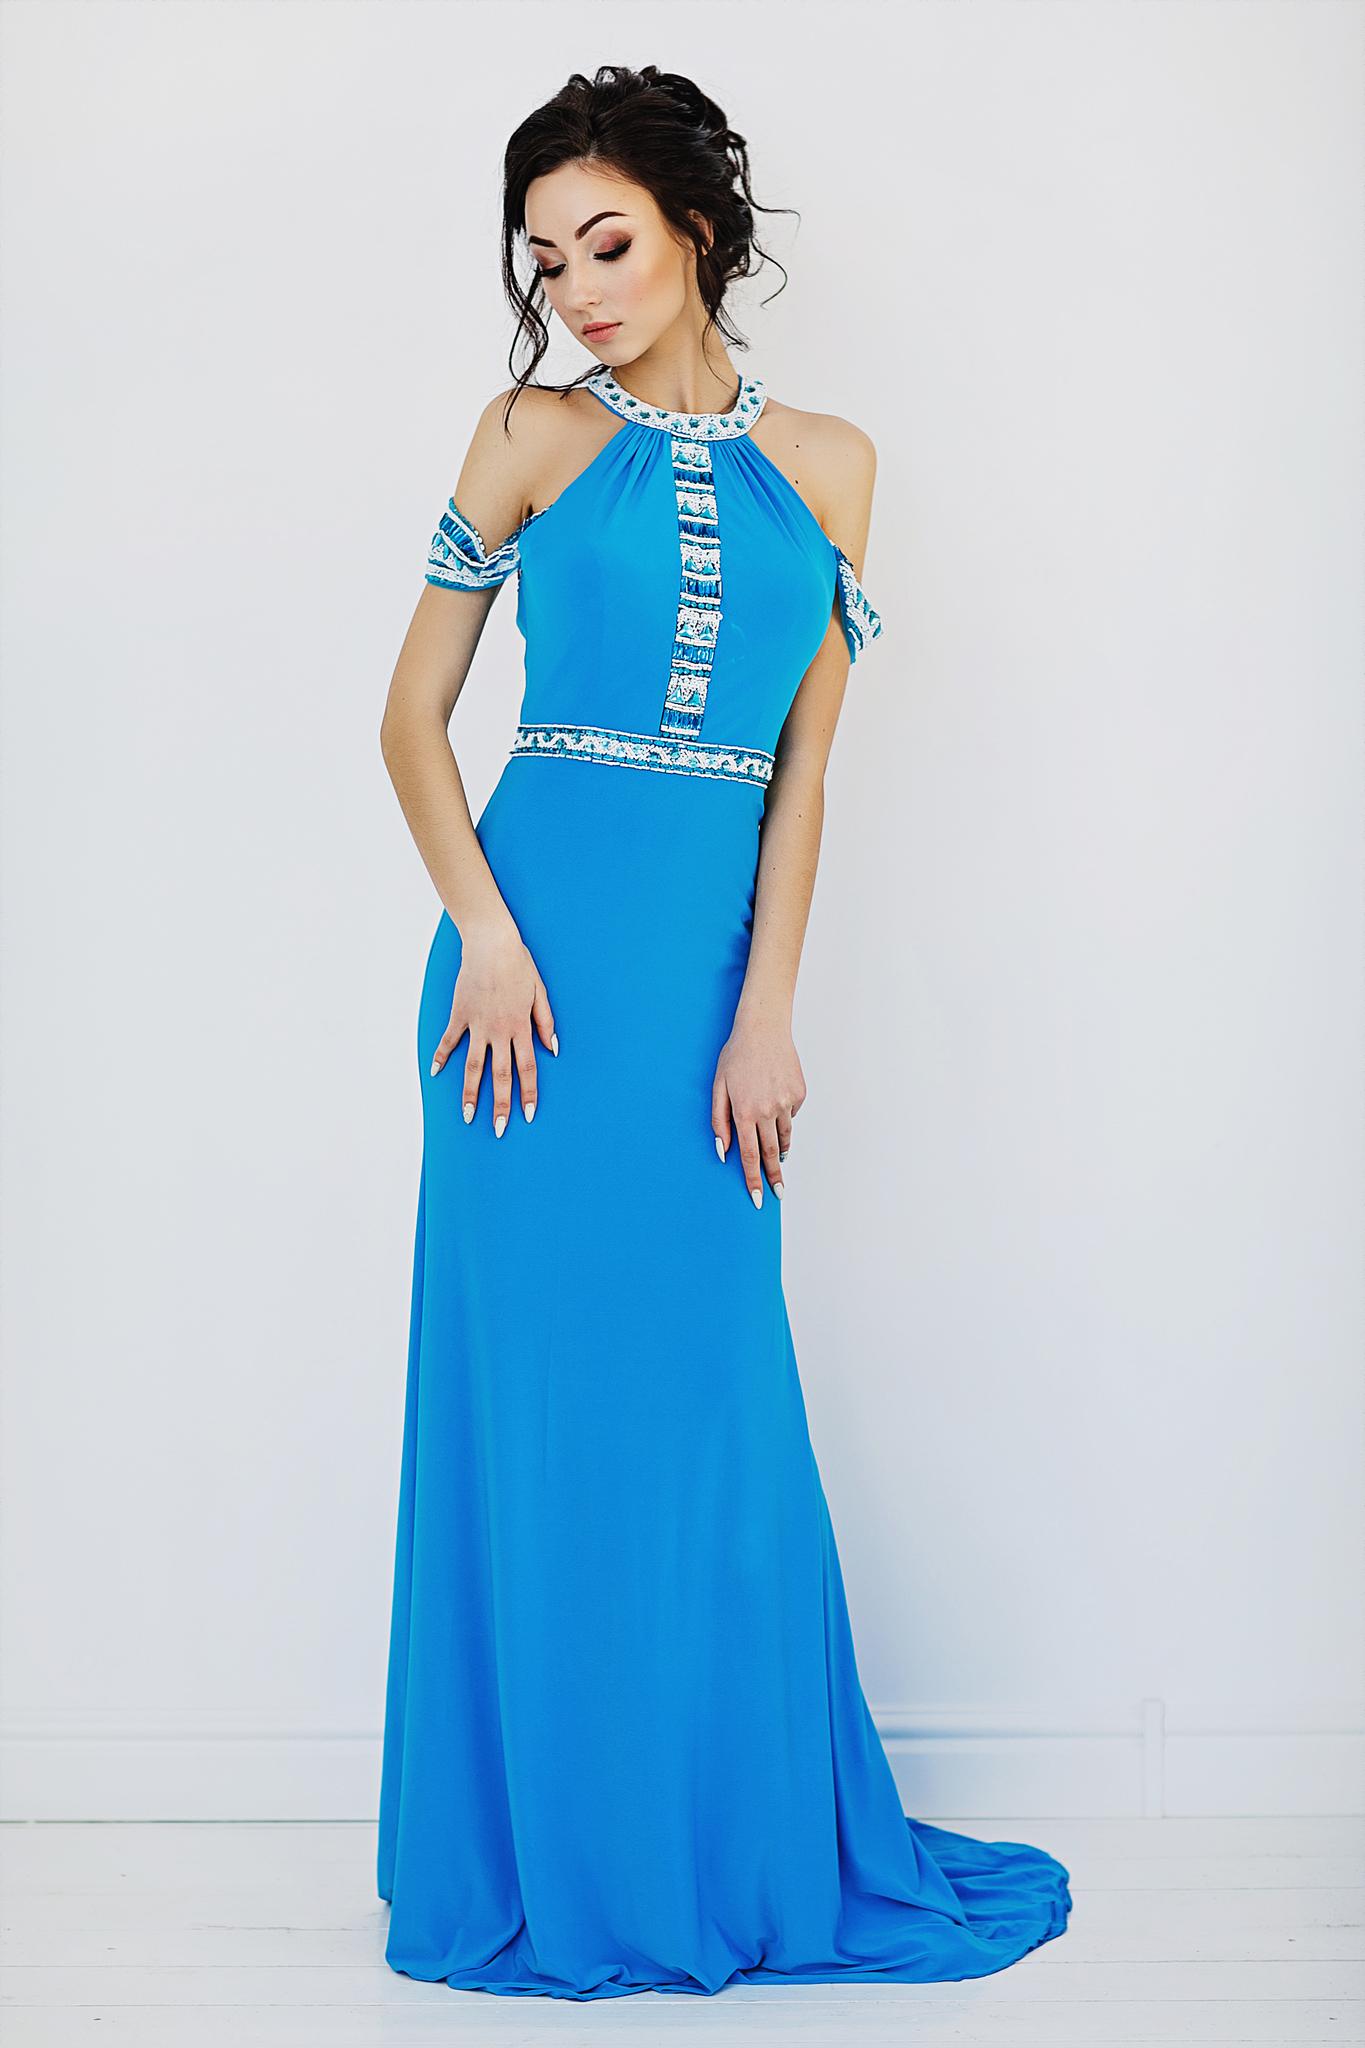 Sherri Hill 50341 Голубое платье в пол, верх украшен камнями, юбка длинная и облегающая фигуру со шлейфом